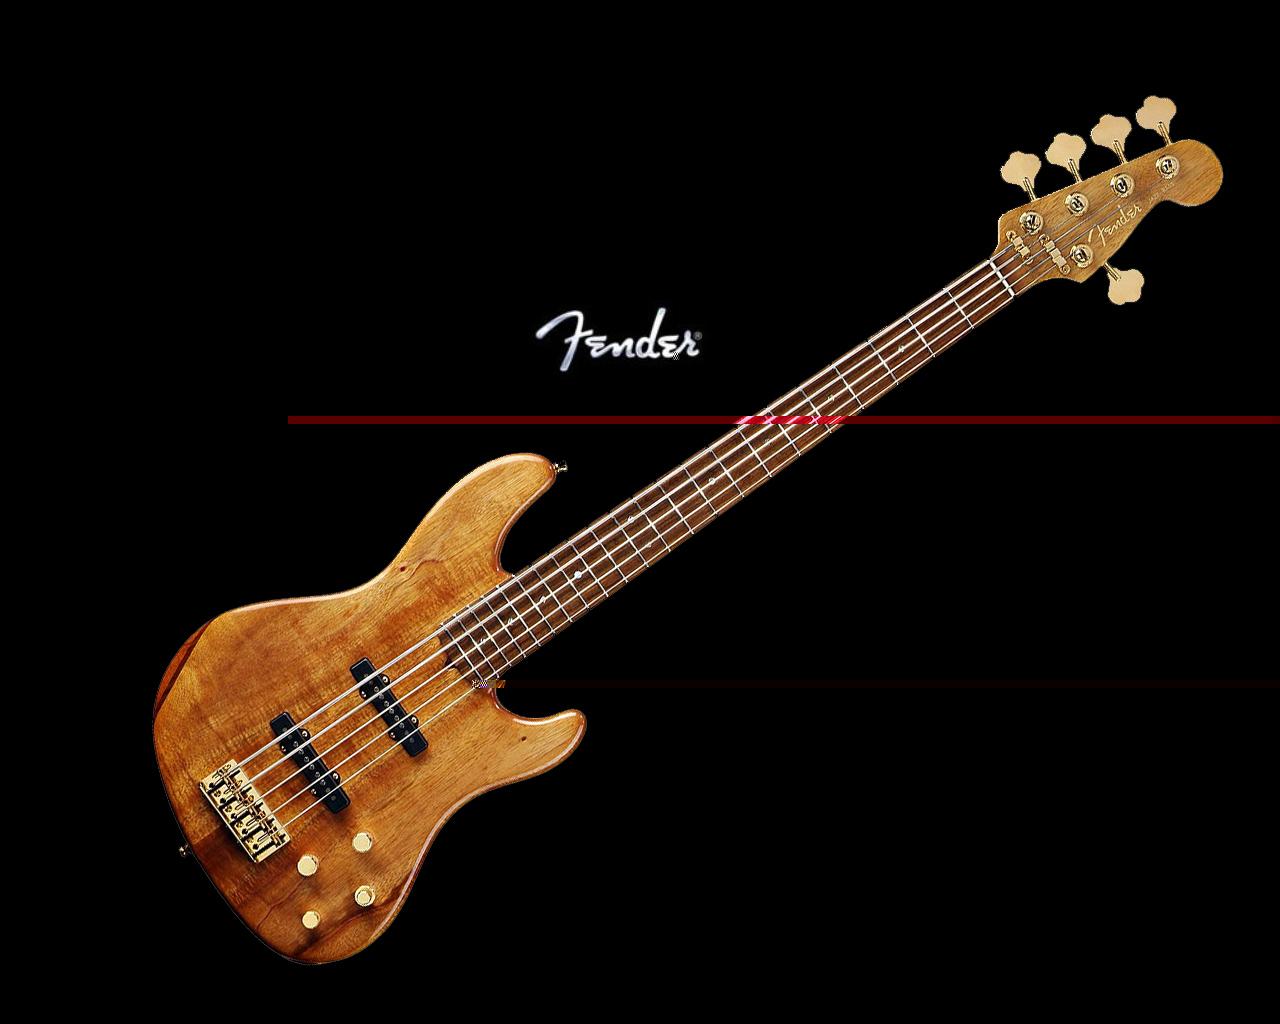 フェンダージャズベース ベースギターの壁紙 1280x1024 Wallpapertip